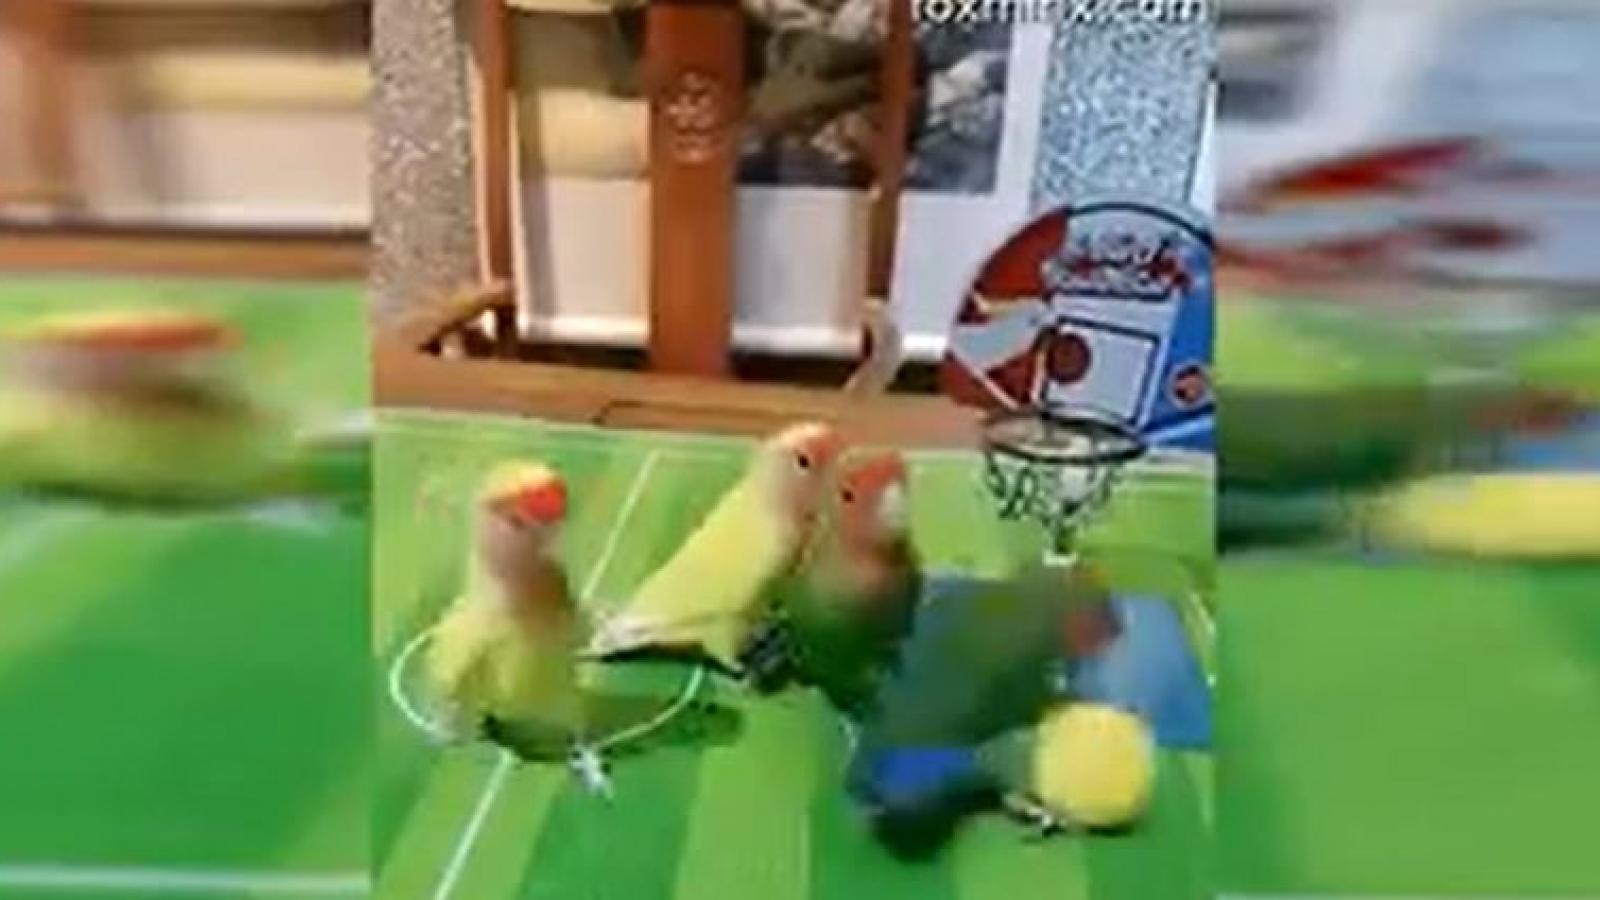 """Cảnh tượng hài hước khi những chú vẹt chơi bóng rổ """"chuyên nghiệp"""" như vận động viên"""